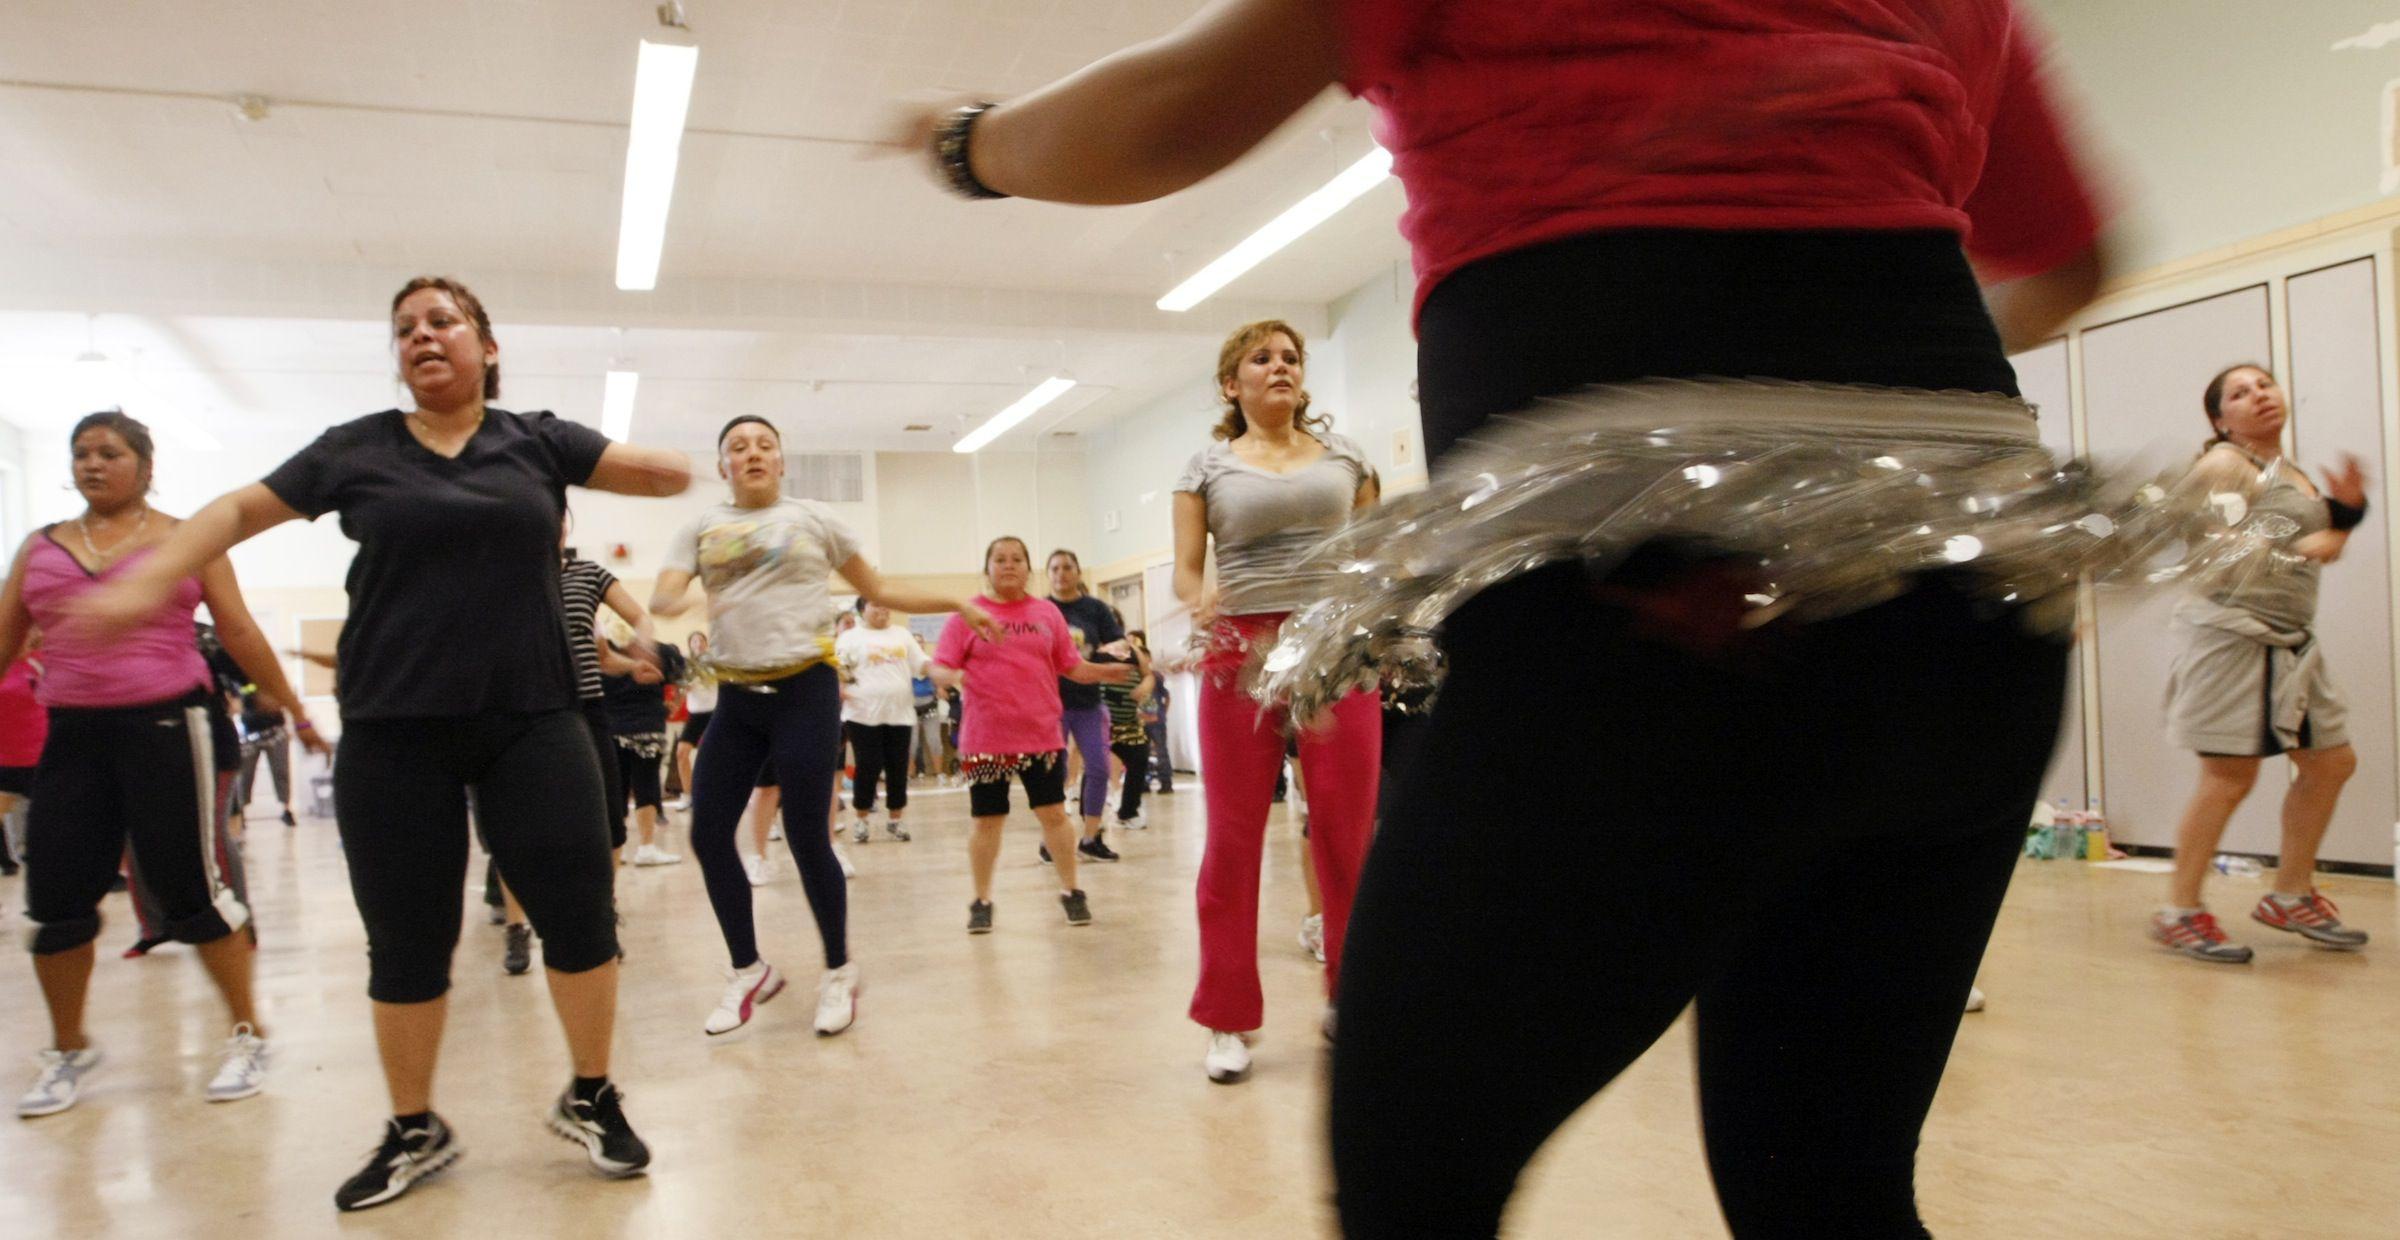 Women dancing Zumba